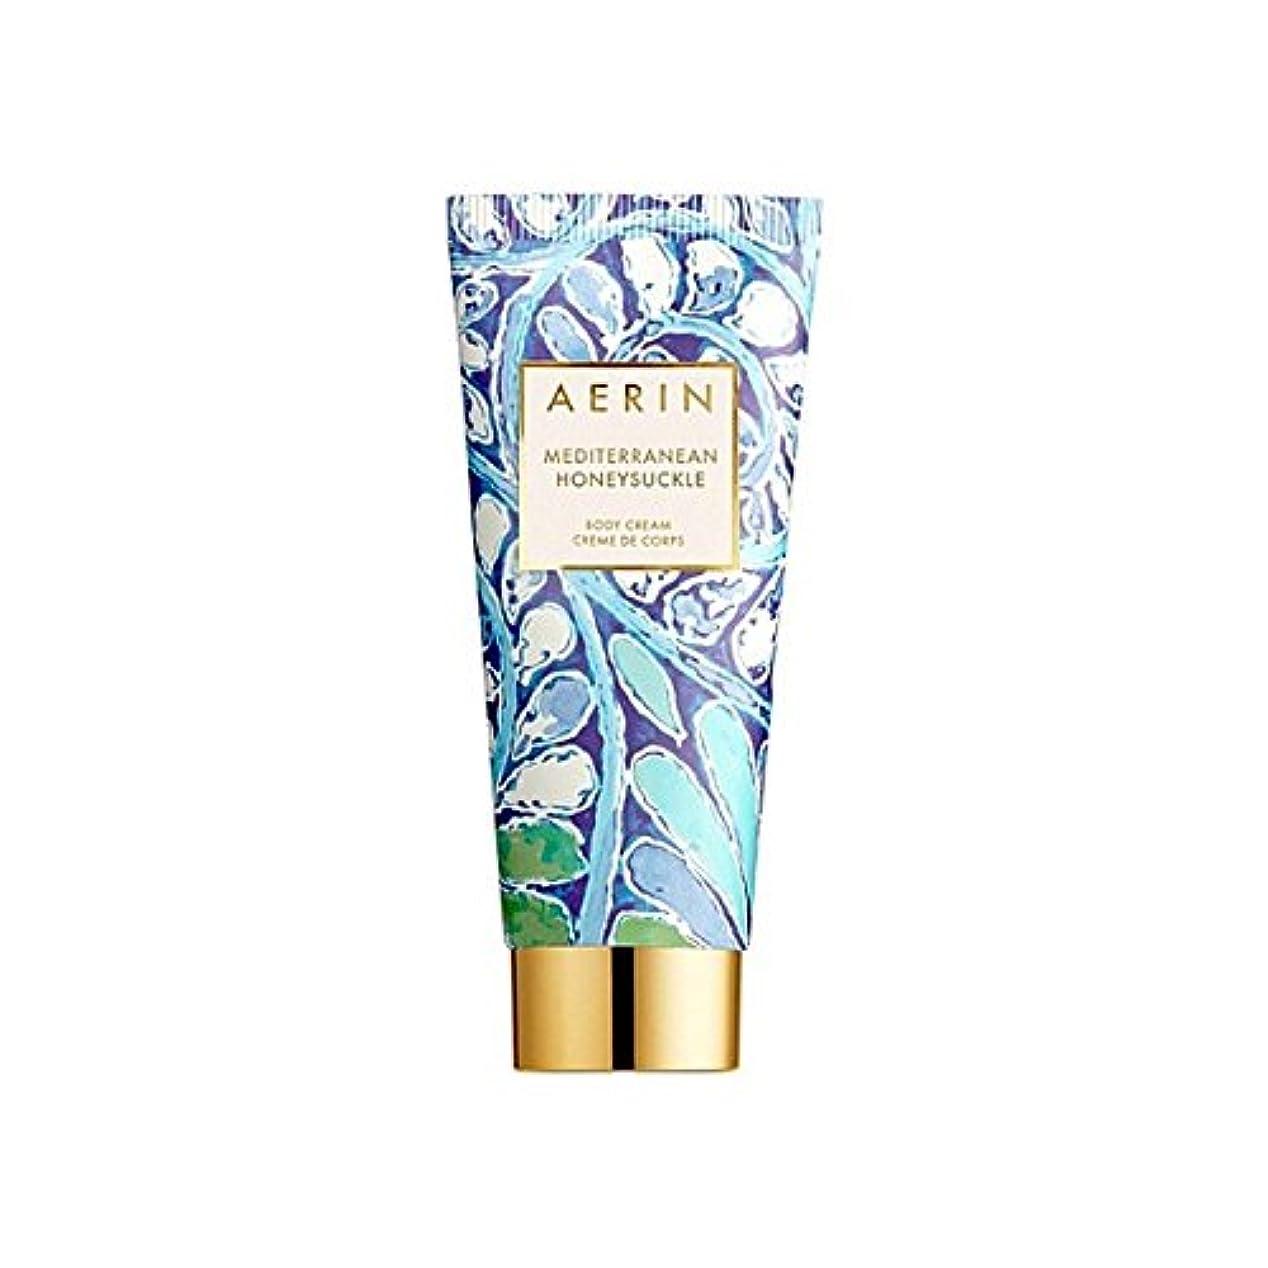 自我テザー望遠鏡Aerin Mediterrenean Honeysuckle Body Cream 150ml (Pack of 6) - スイカズラボディクリーム150ミリリットル x6 [並行輸入品]